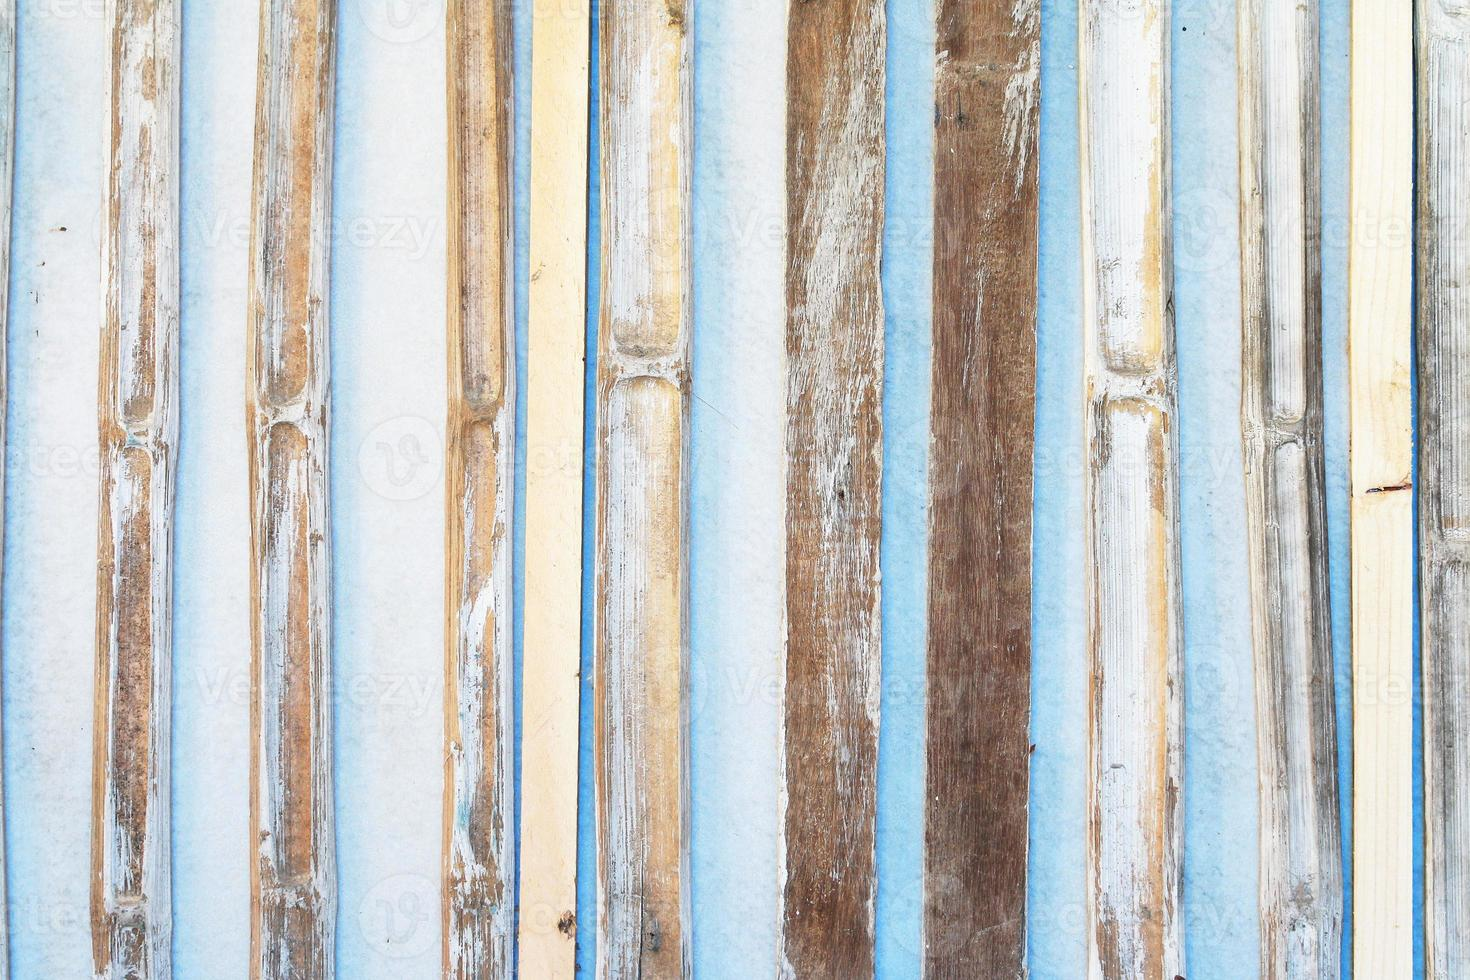 patrón de tablones de madera. foto